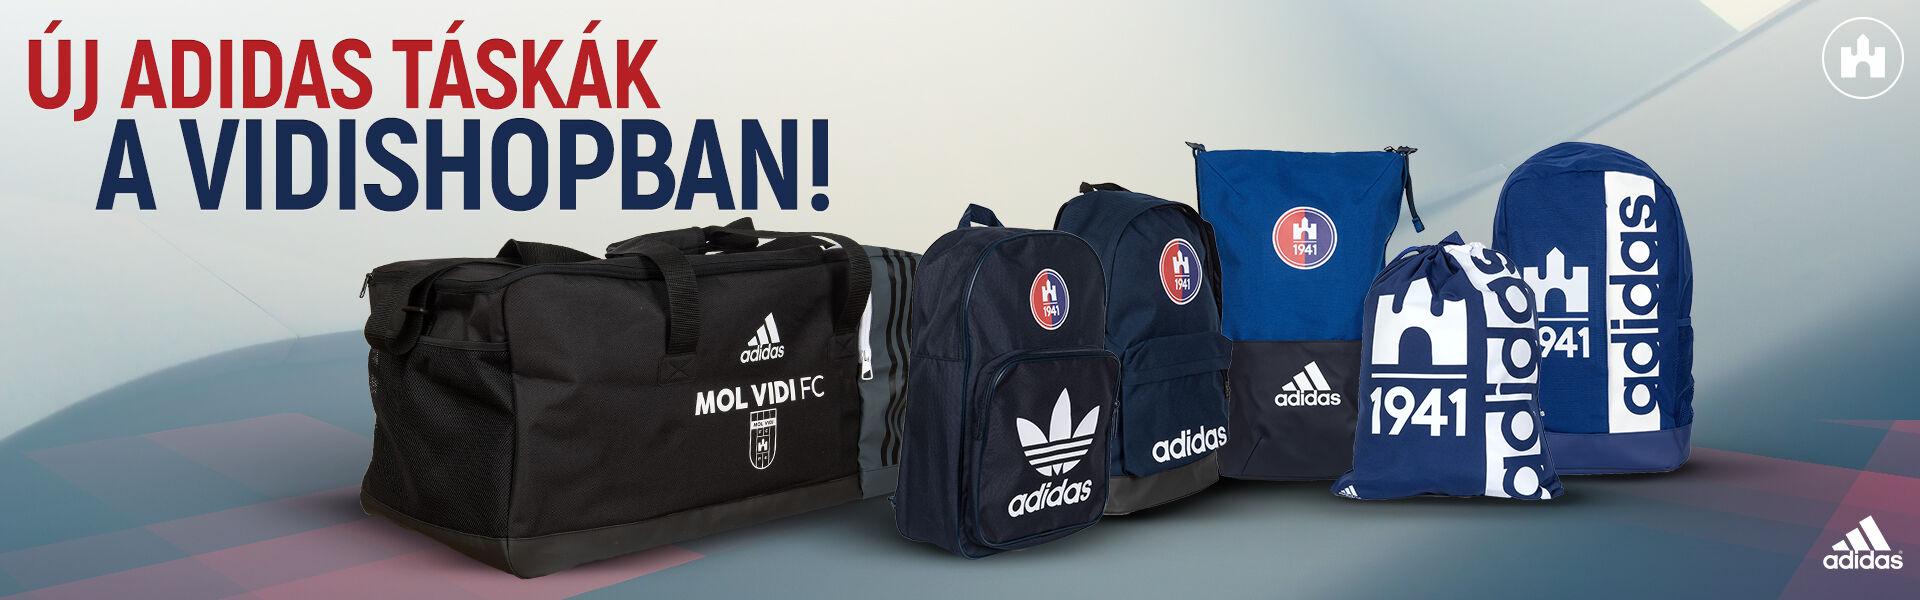 20e2c5ba2a ... termékek akció Bérletkedvezmény 2019 Gálaruházat Adidas táskák